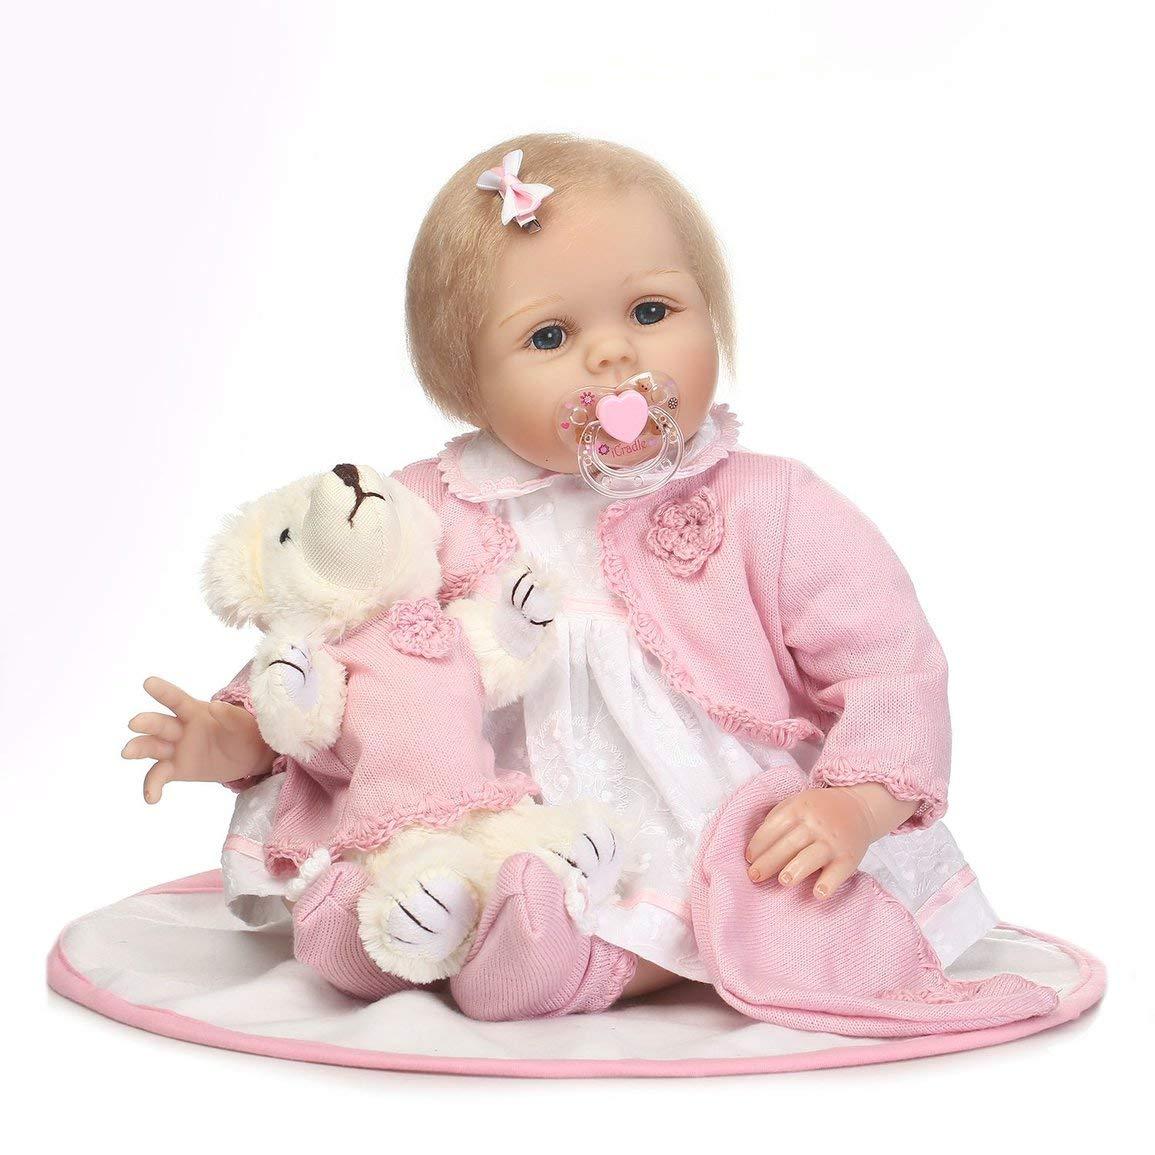 Reducción de precio Fantasyworld 55CM niños renacido de la muñeca de Silicona Suave Realista del recién Nacido Muñeca Linda del Regalo de cumpleaños para los niños niñas